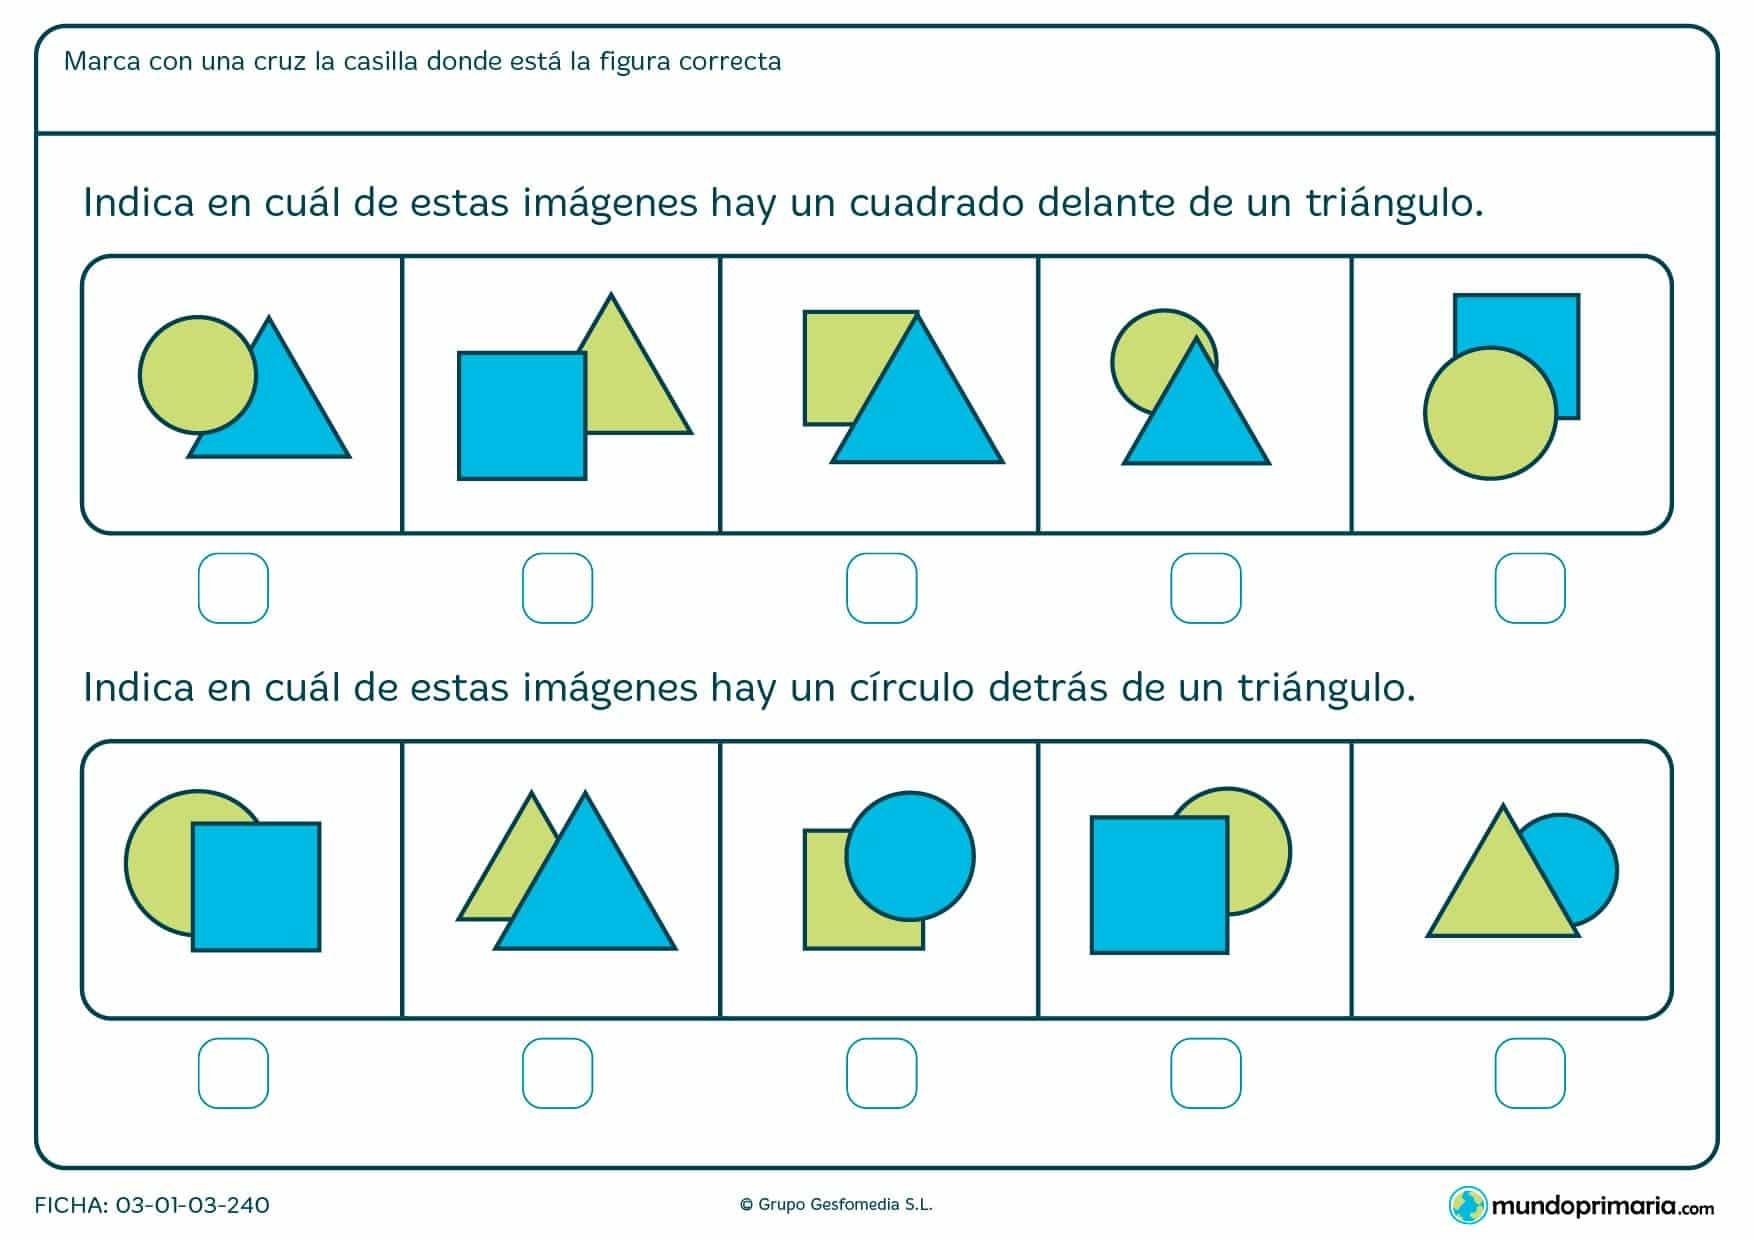 Ficha de indicar cuadrados, círculos y posición en la que hay que marcar la casilla en donde estén las figuras que corresponden.